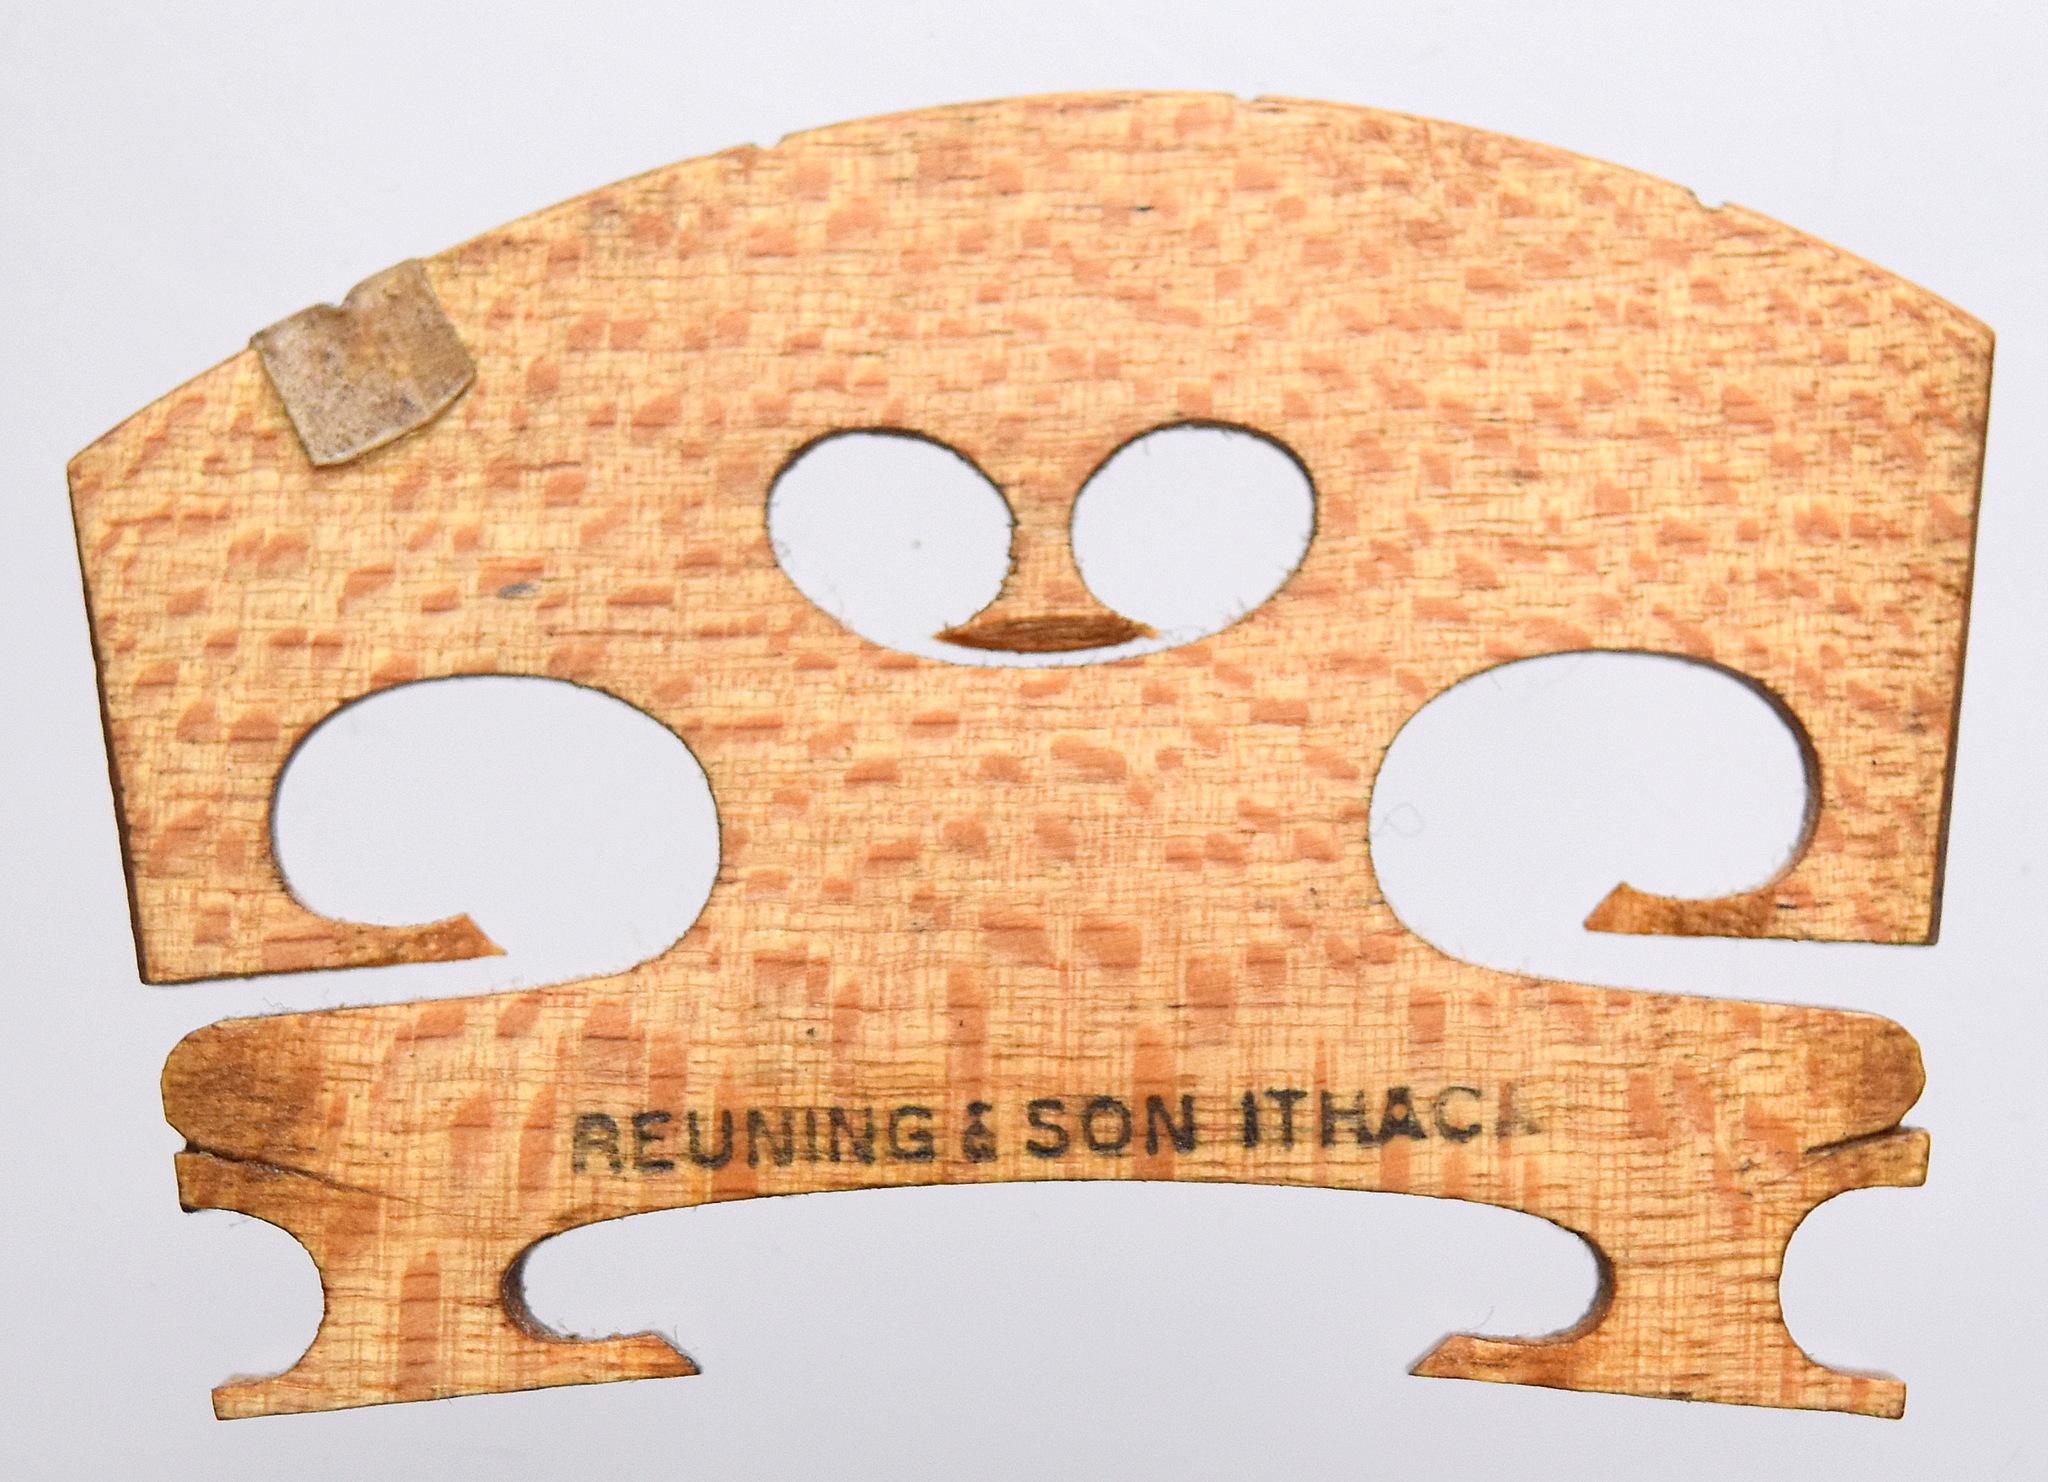 REUNING & SON ITHACA